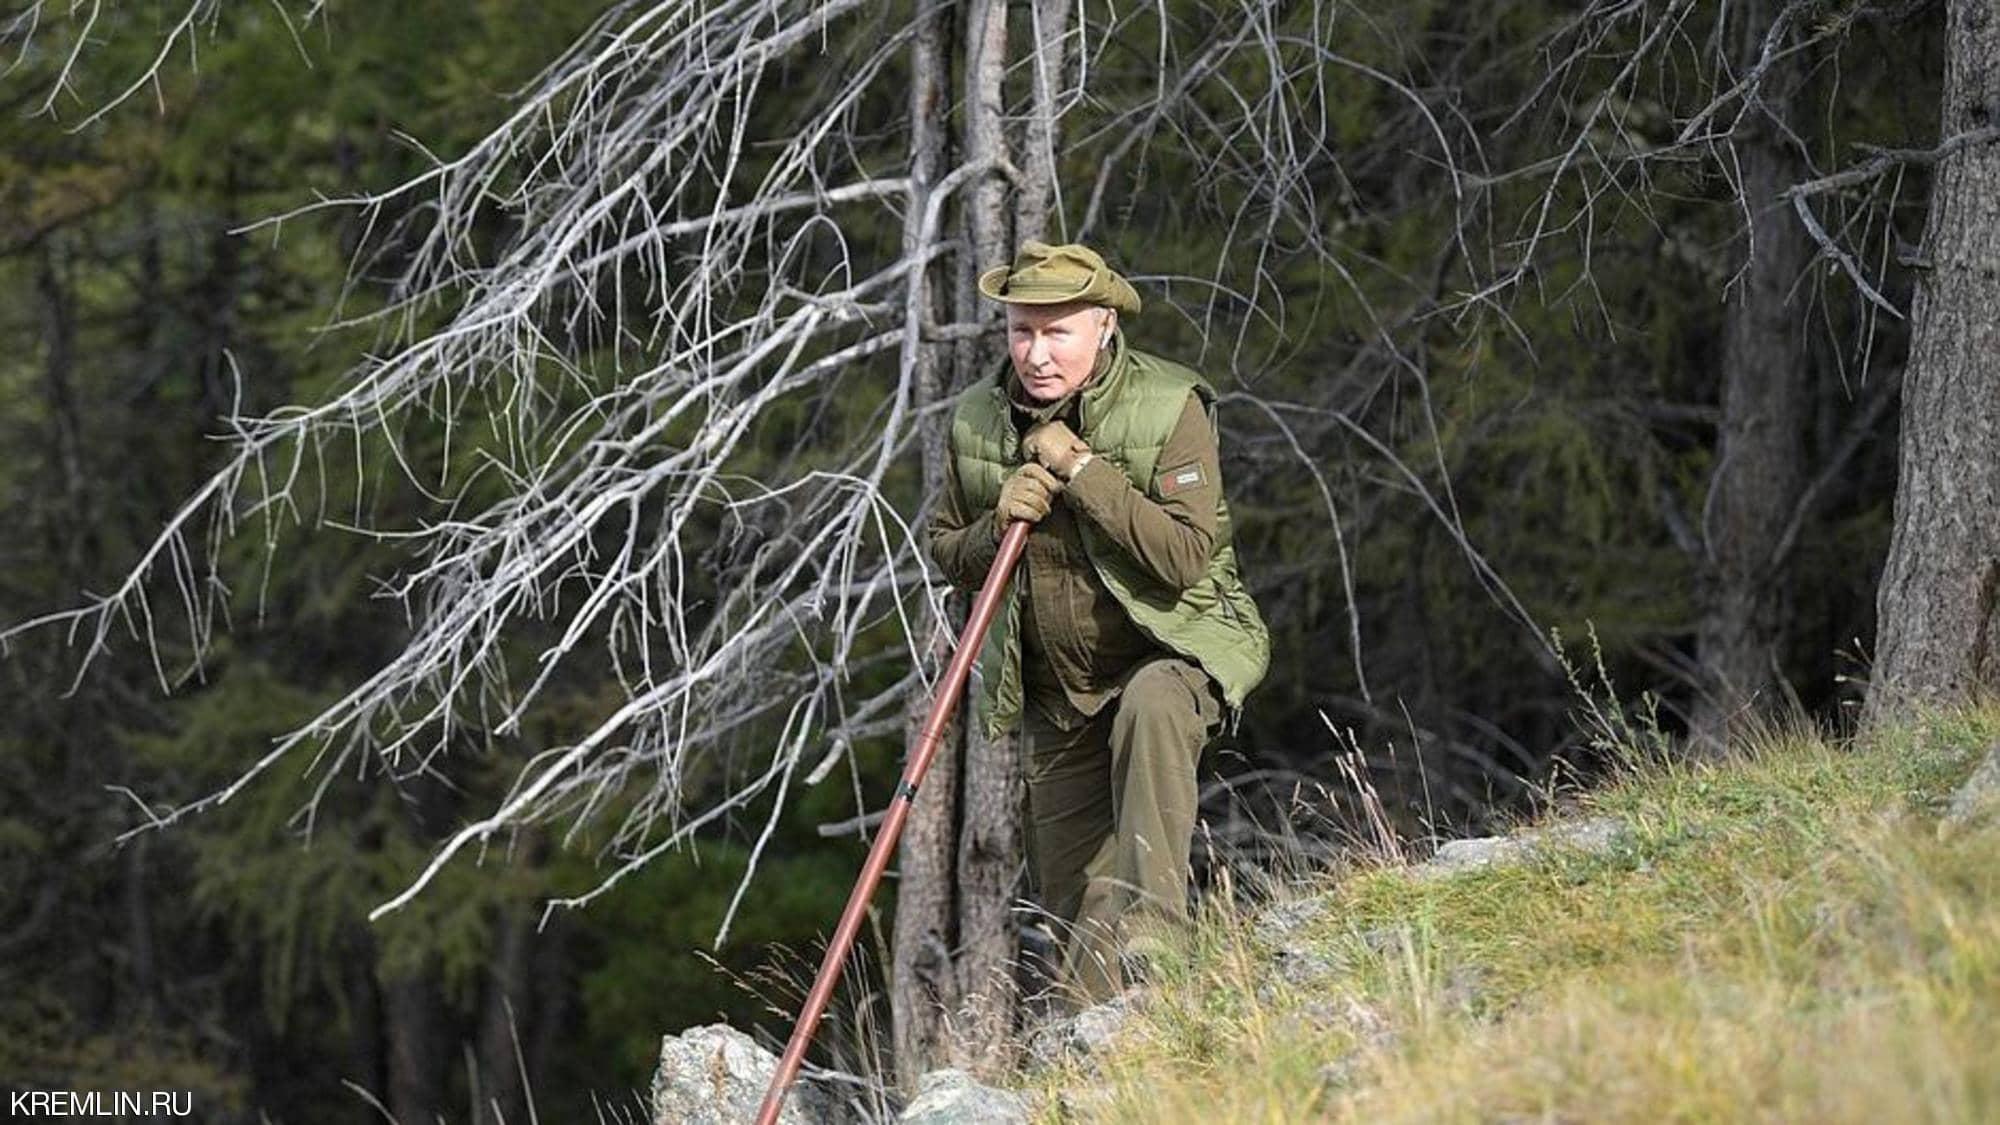 """بوتين يحتفل بعيد ميلاده """"بعيدا عن الضوضاء"""""""